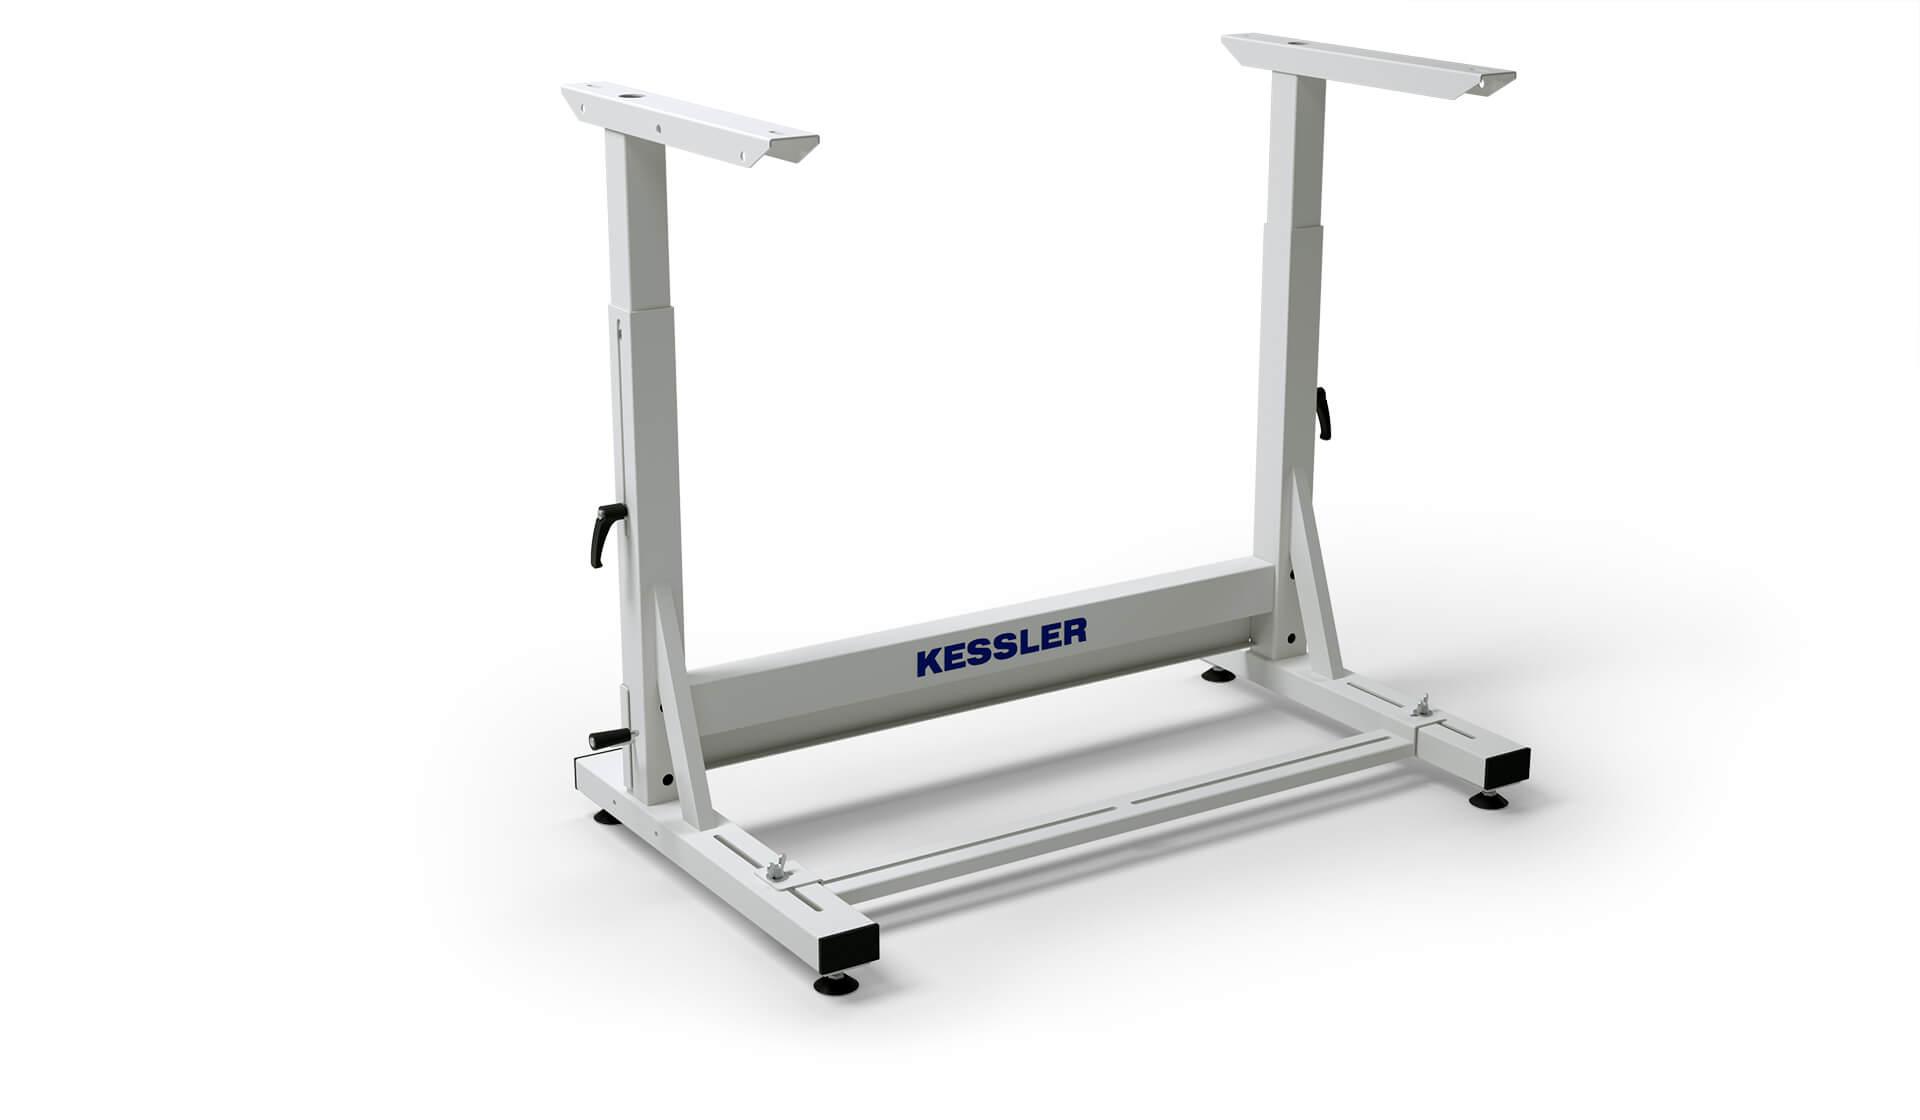 die Kessler GmbH aus Nusplingen